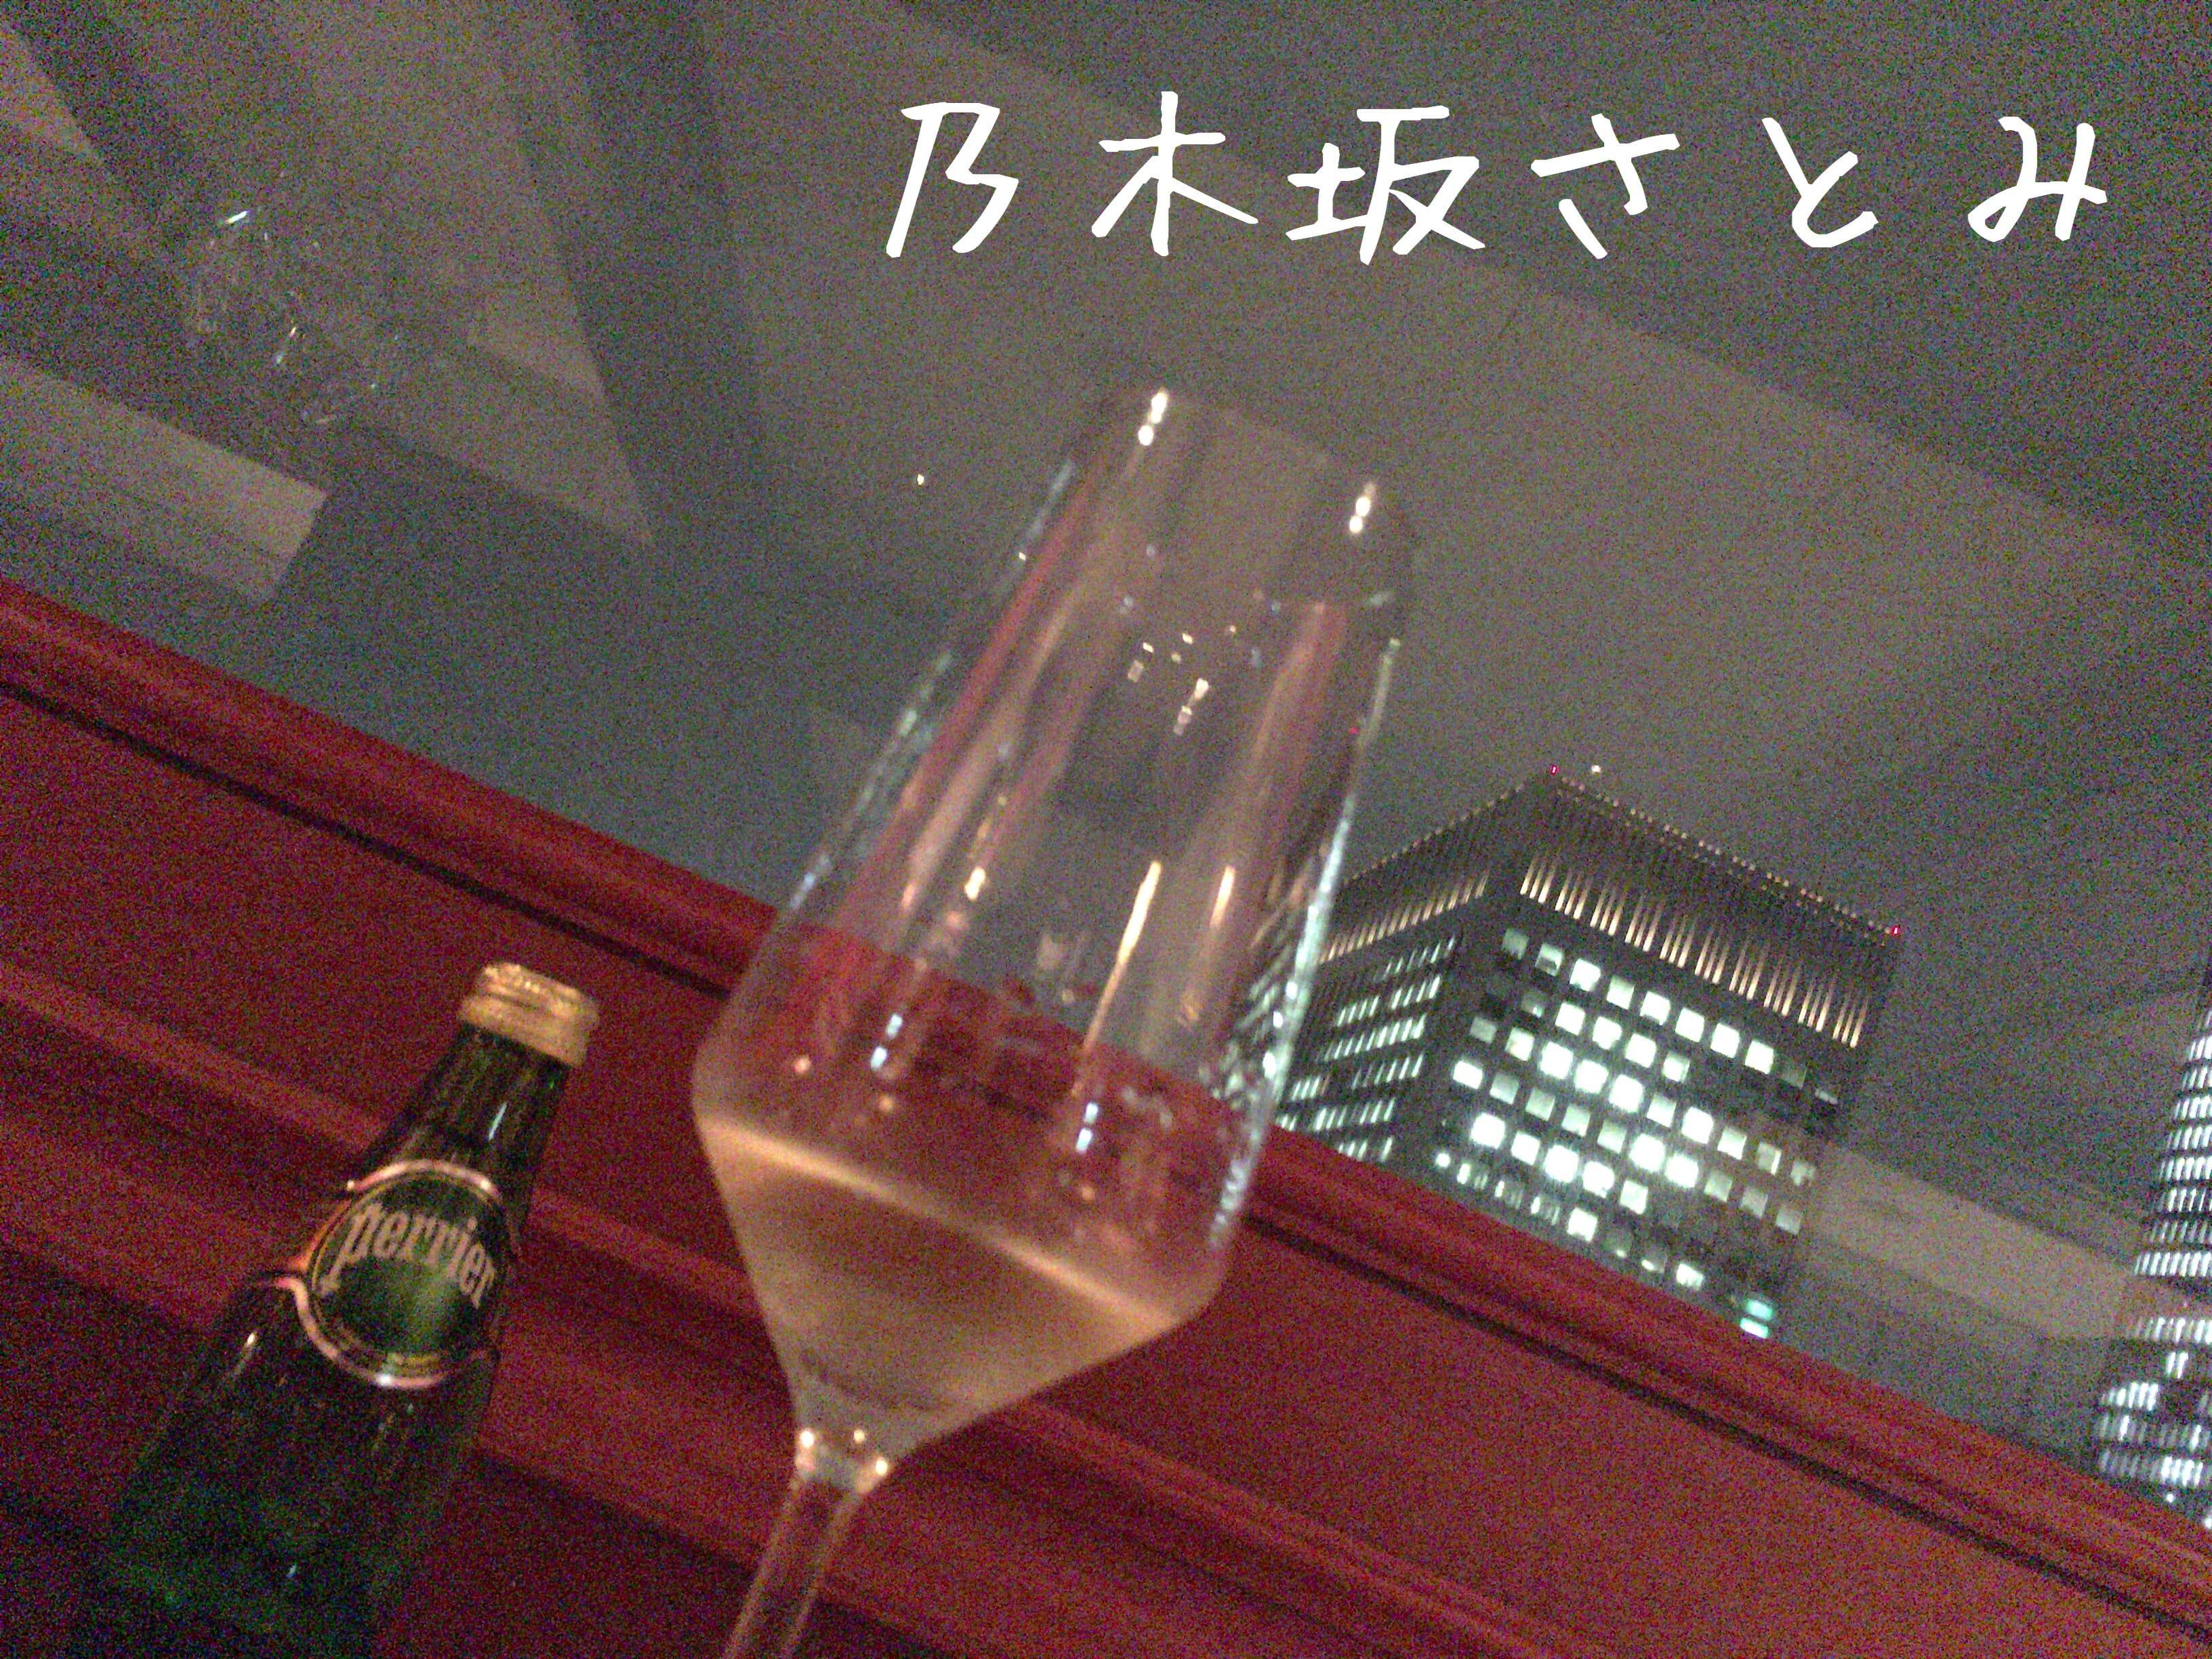 乃木坂さとみ「お礼◎北新地ホテルのお客様」09/20(水) 21:30 | 乃木坂さとみの写メ・風俗動画